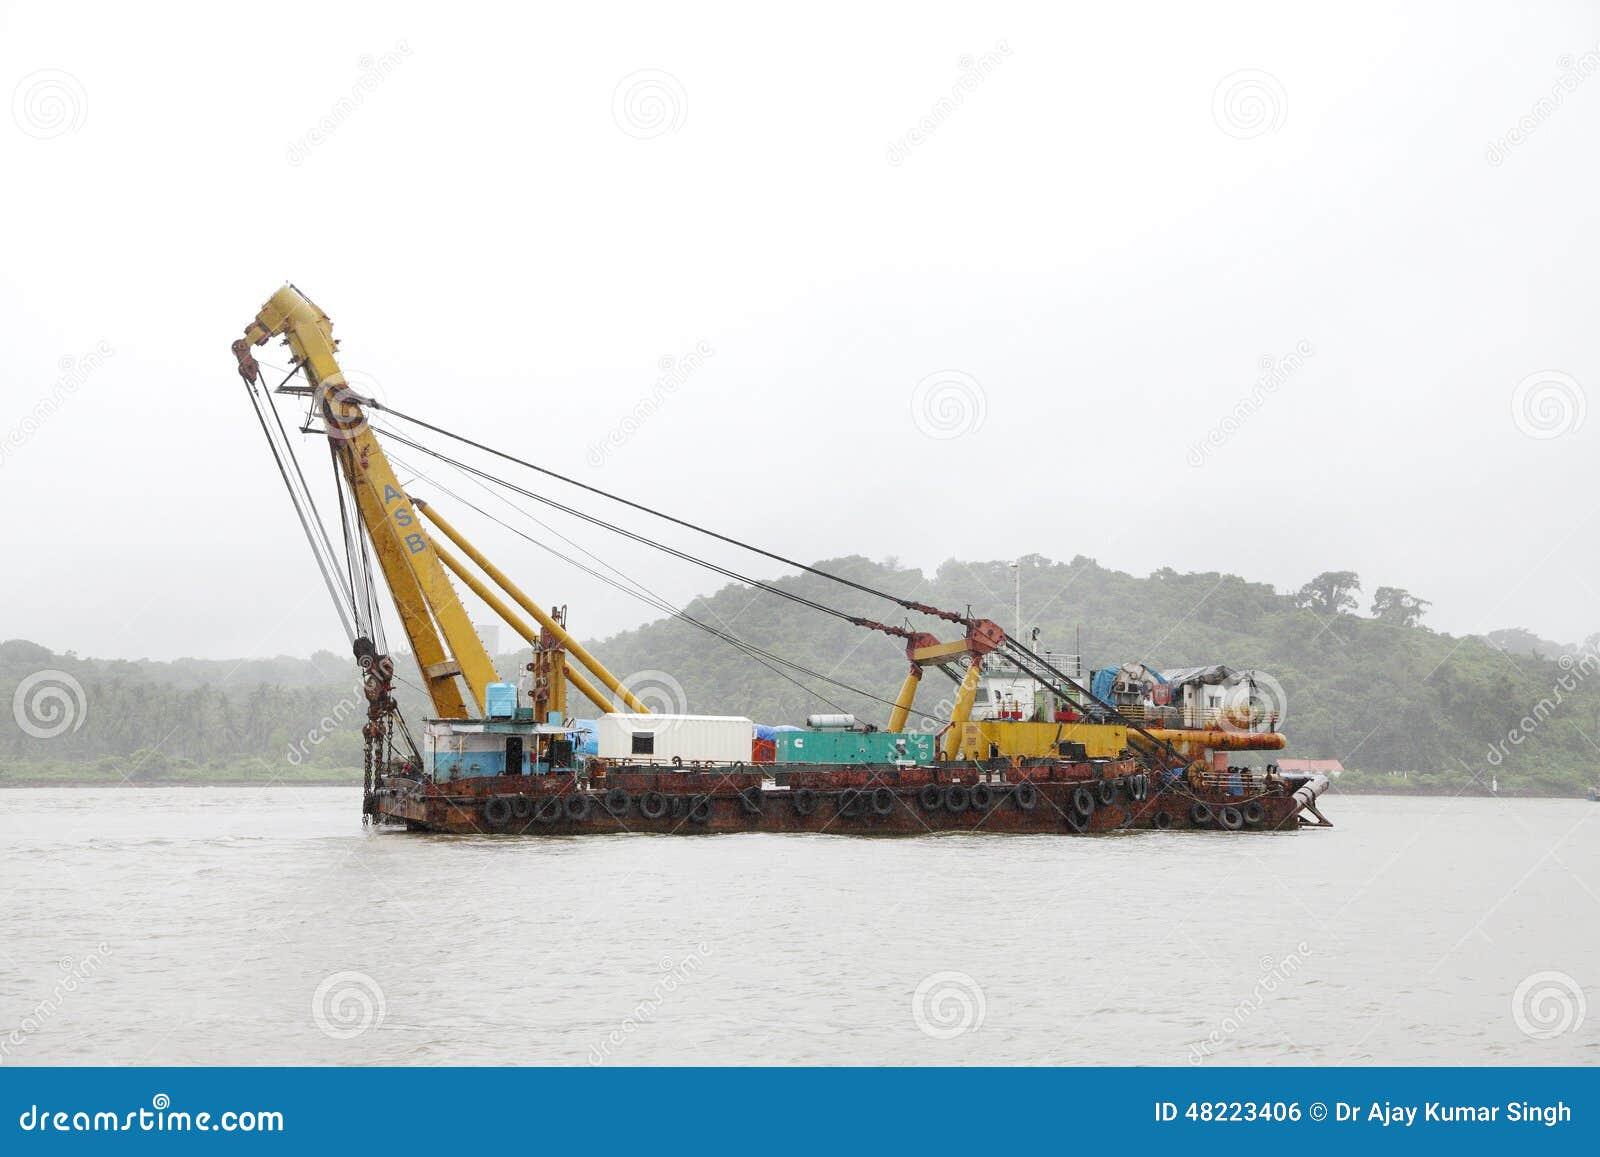 Goa, india 10 augustus: de boot met zware kraan wordt uitgerust om